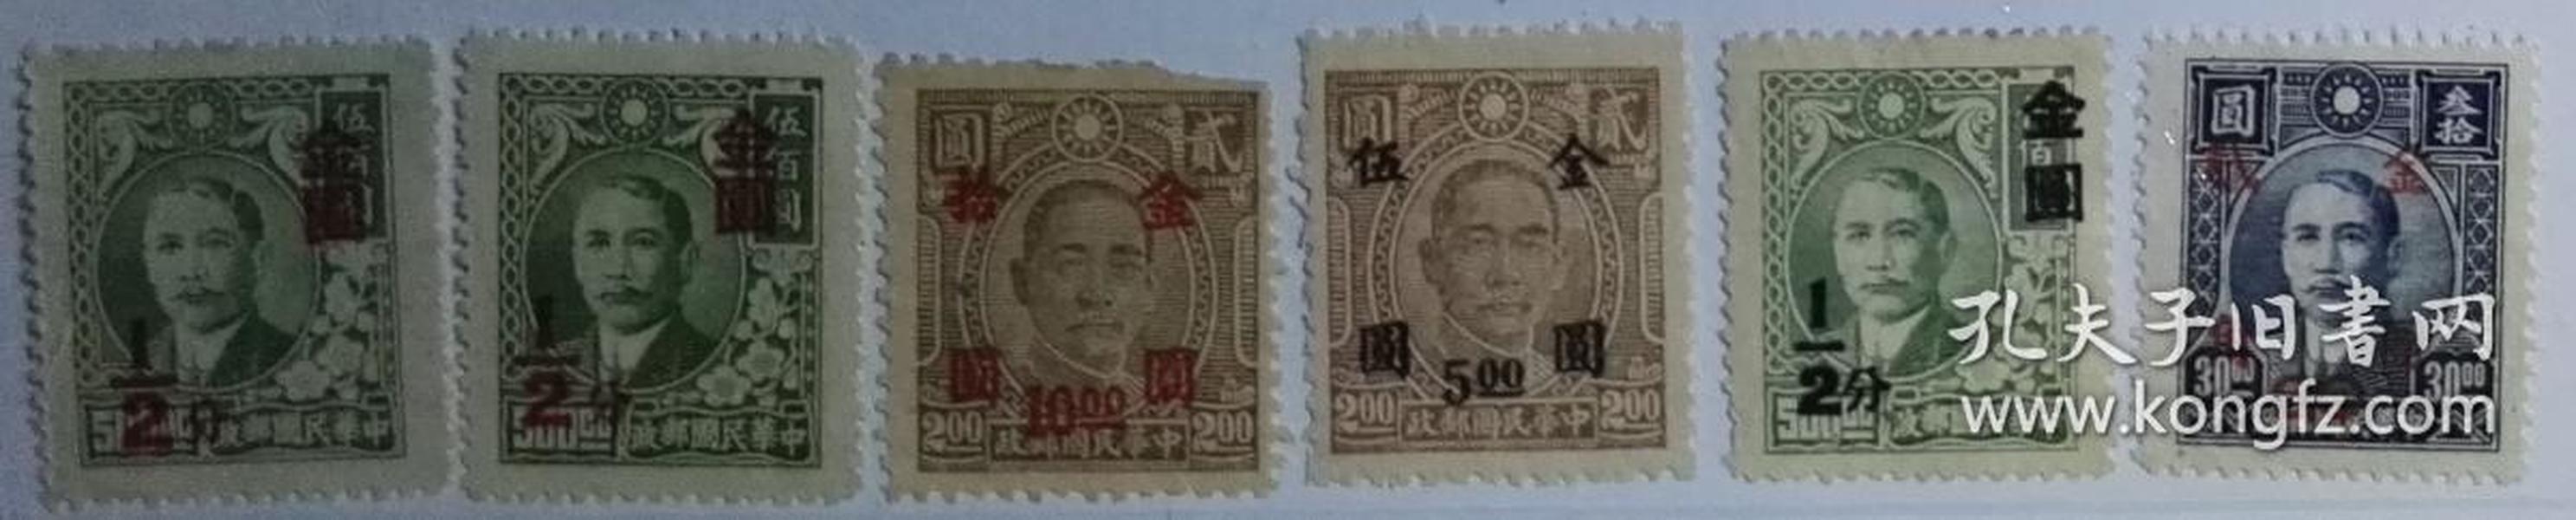 民国普票加盖金圆6枚新(一枚残角,其他上品)